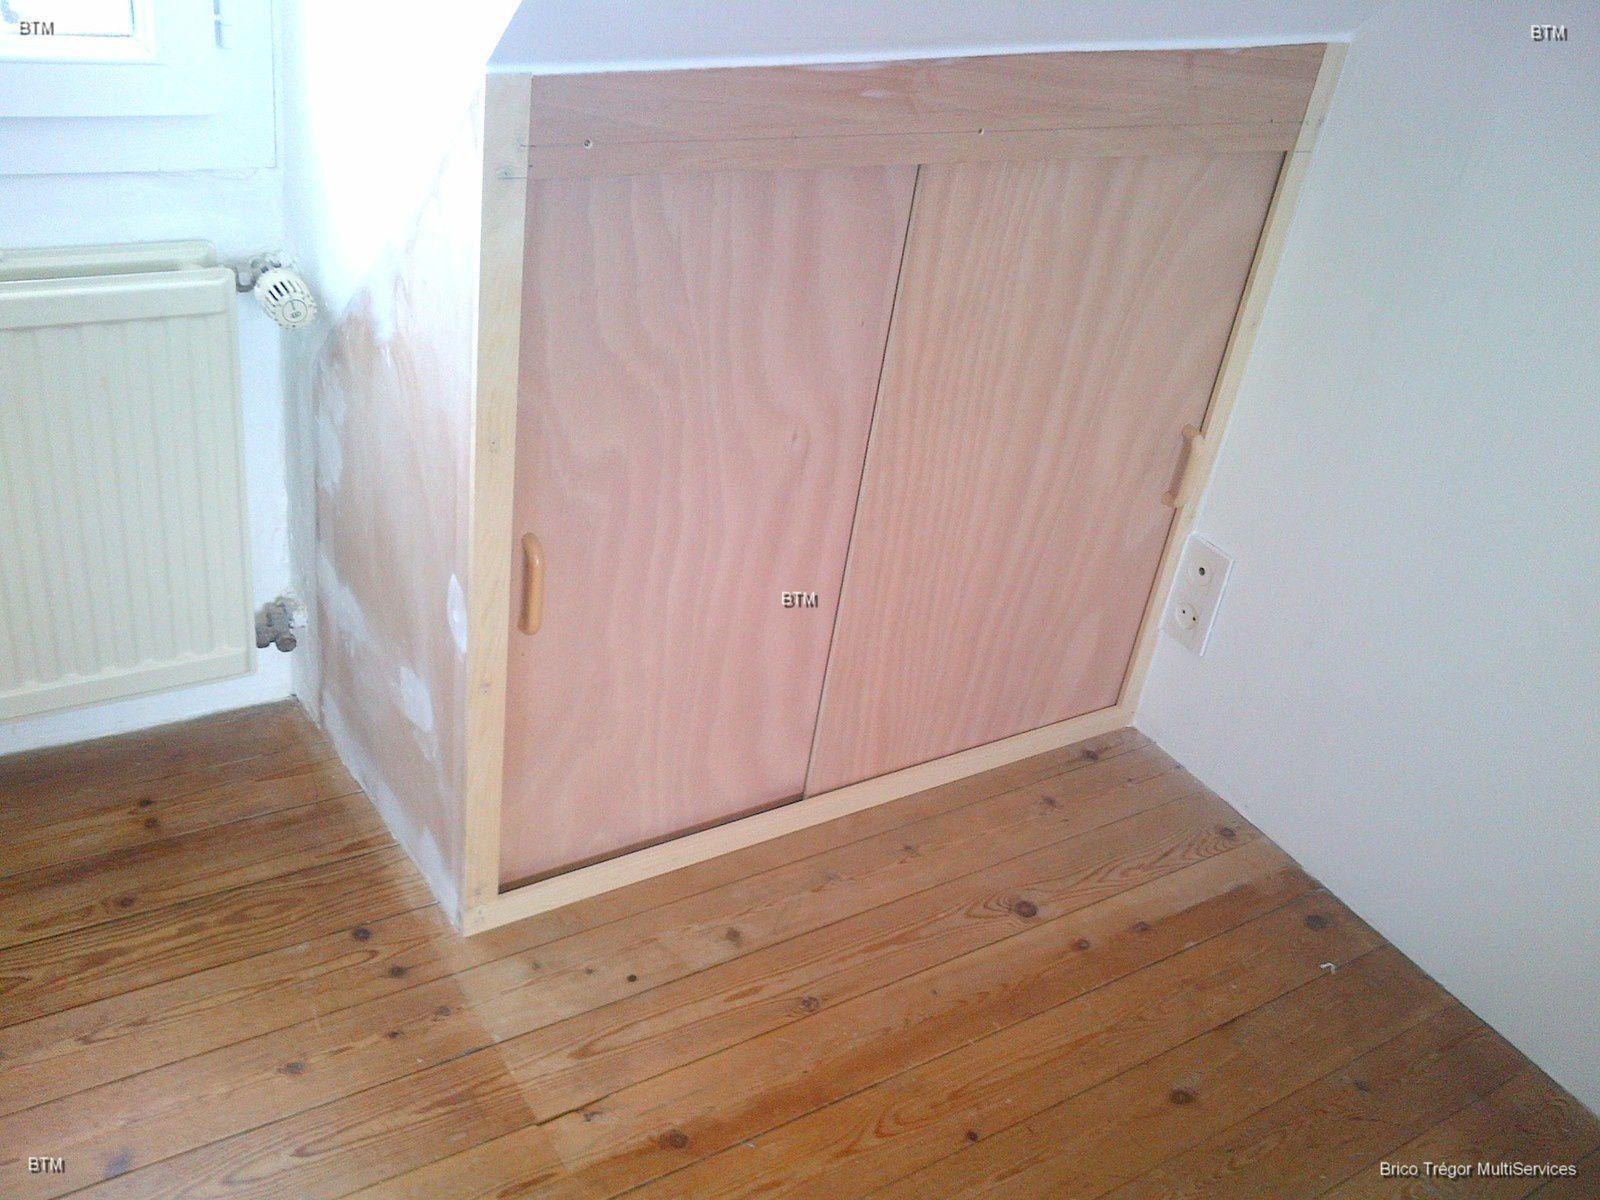 cr ation d 39 un placard avec suivi de la d nivellation de la sous pente brico tr gor multiservices. Black Bedroom Furniture Sets. Home Design Ideas